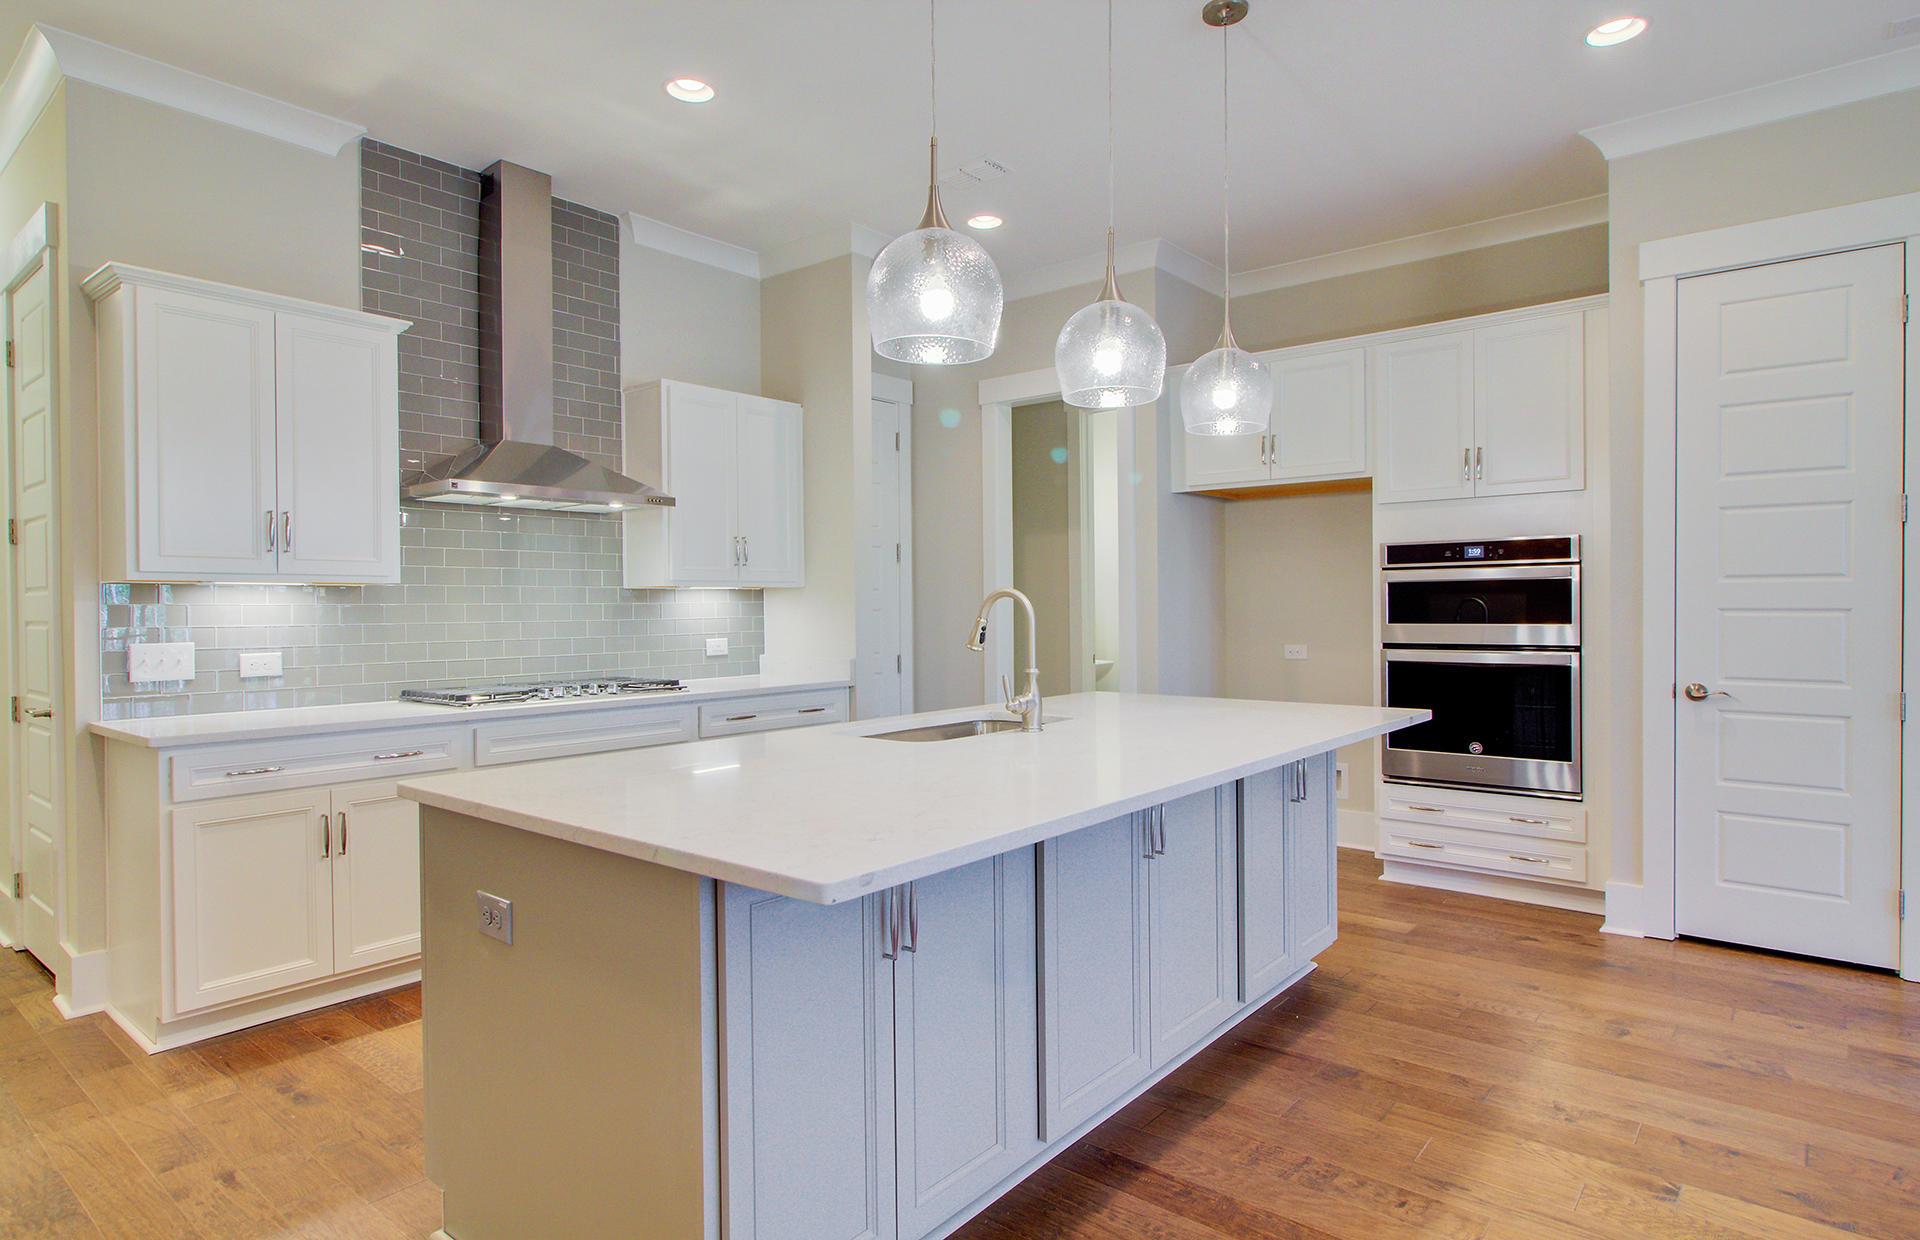 Dunes West Homes For Sale - 2416 Brackish, Mount Pleasant, SC - 7